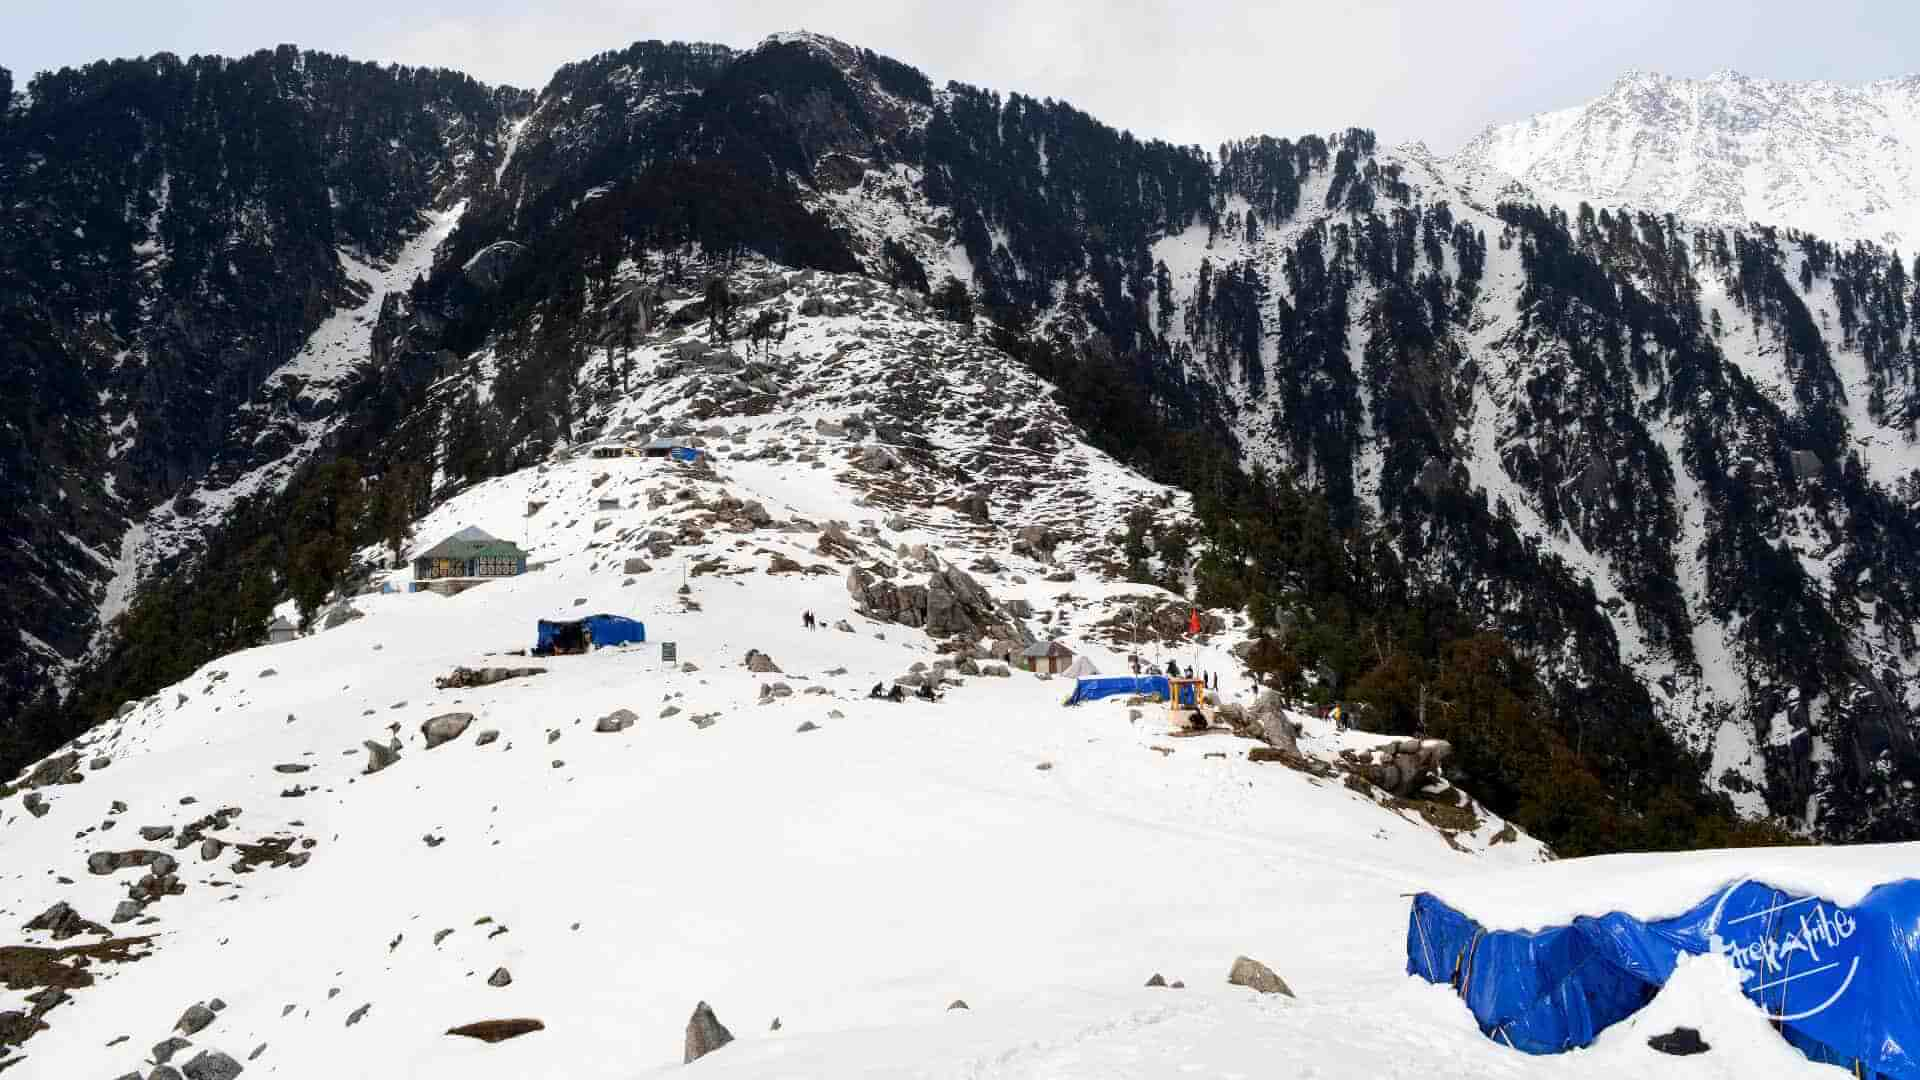 Triund trekking- Trekking in Indian Himalayas , Dhauladhar Range